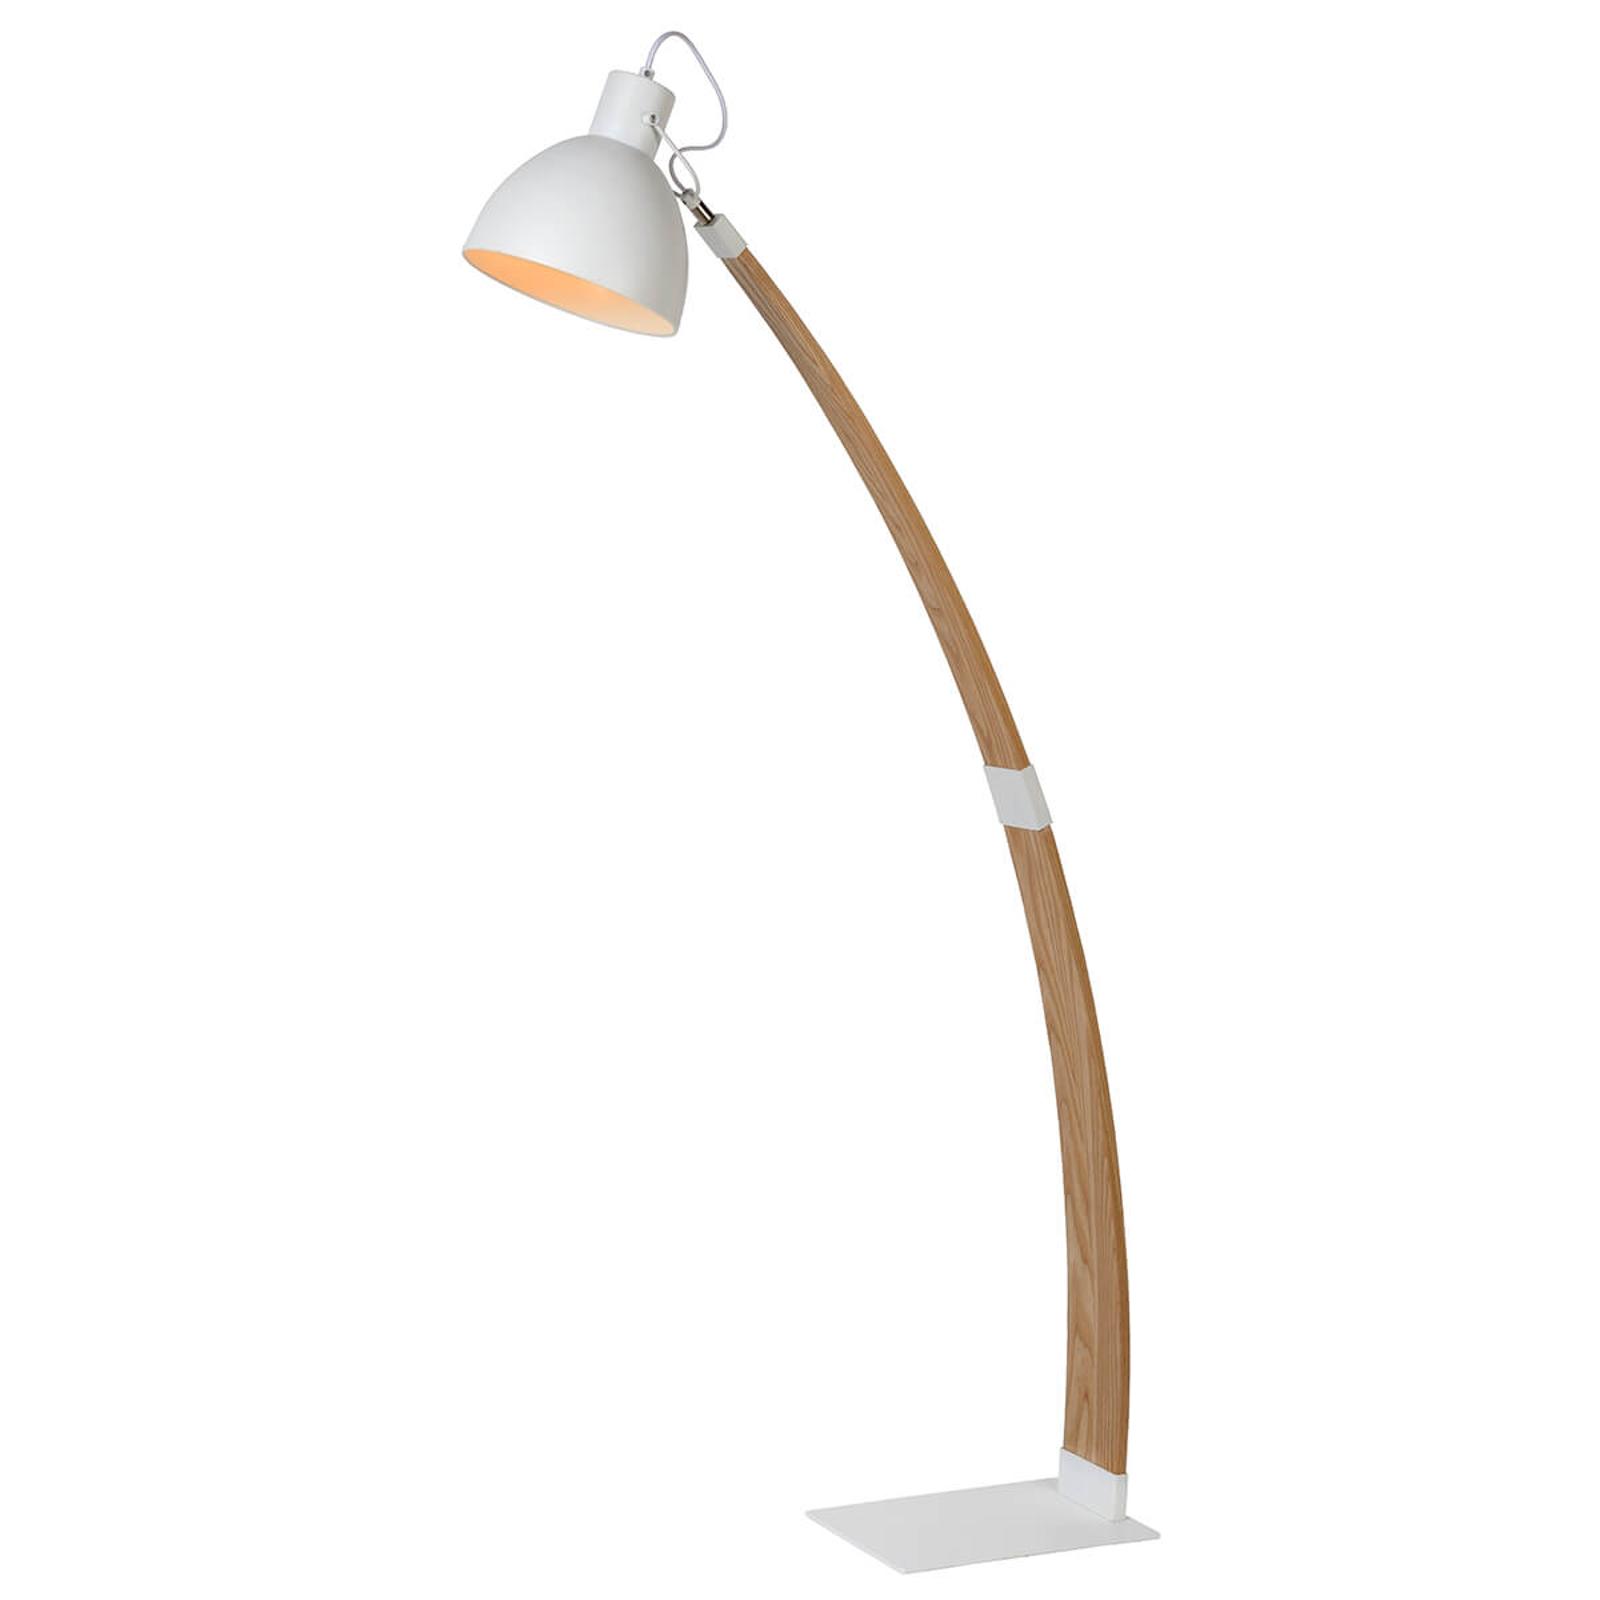 Flotte Stehleuchte Curf mit weißem Lampenschirm